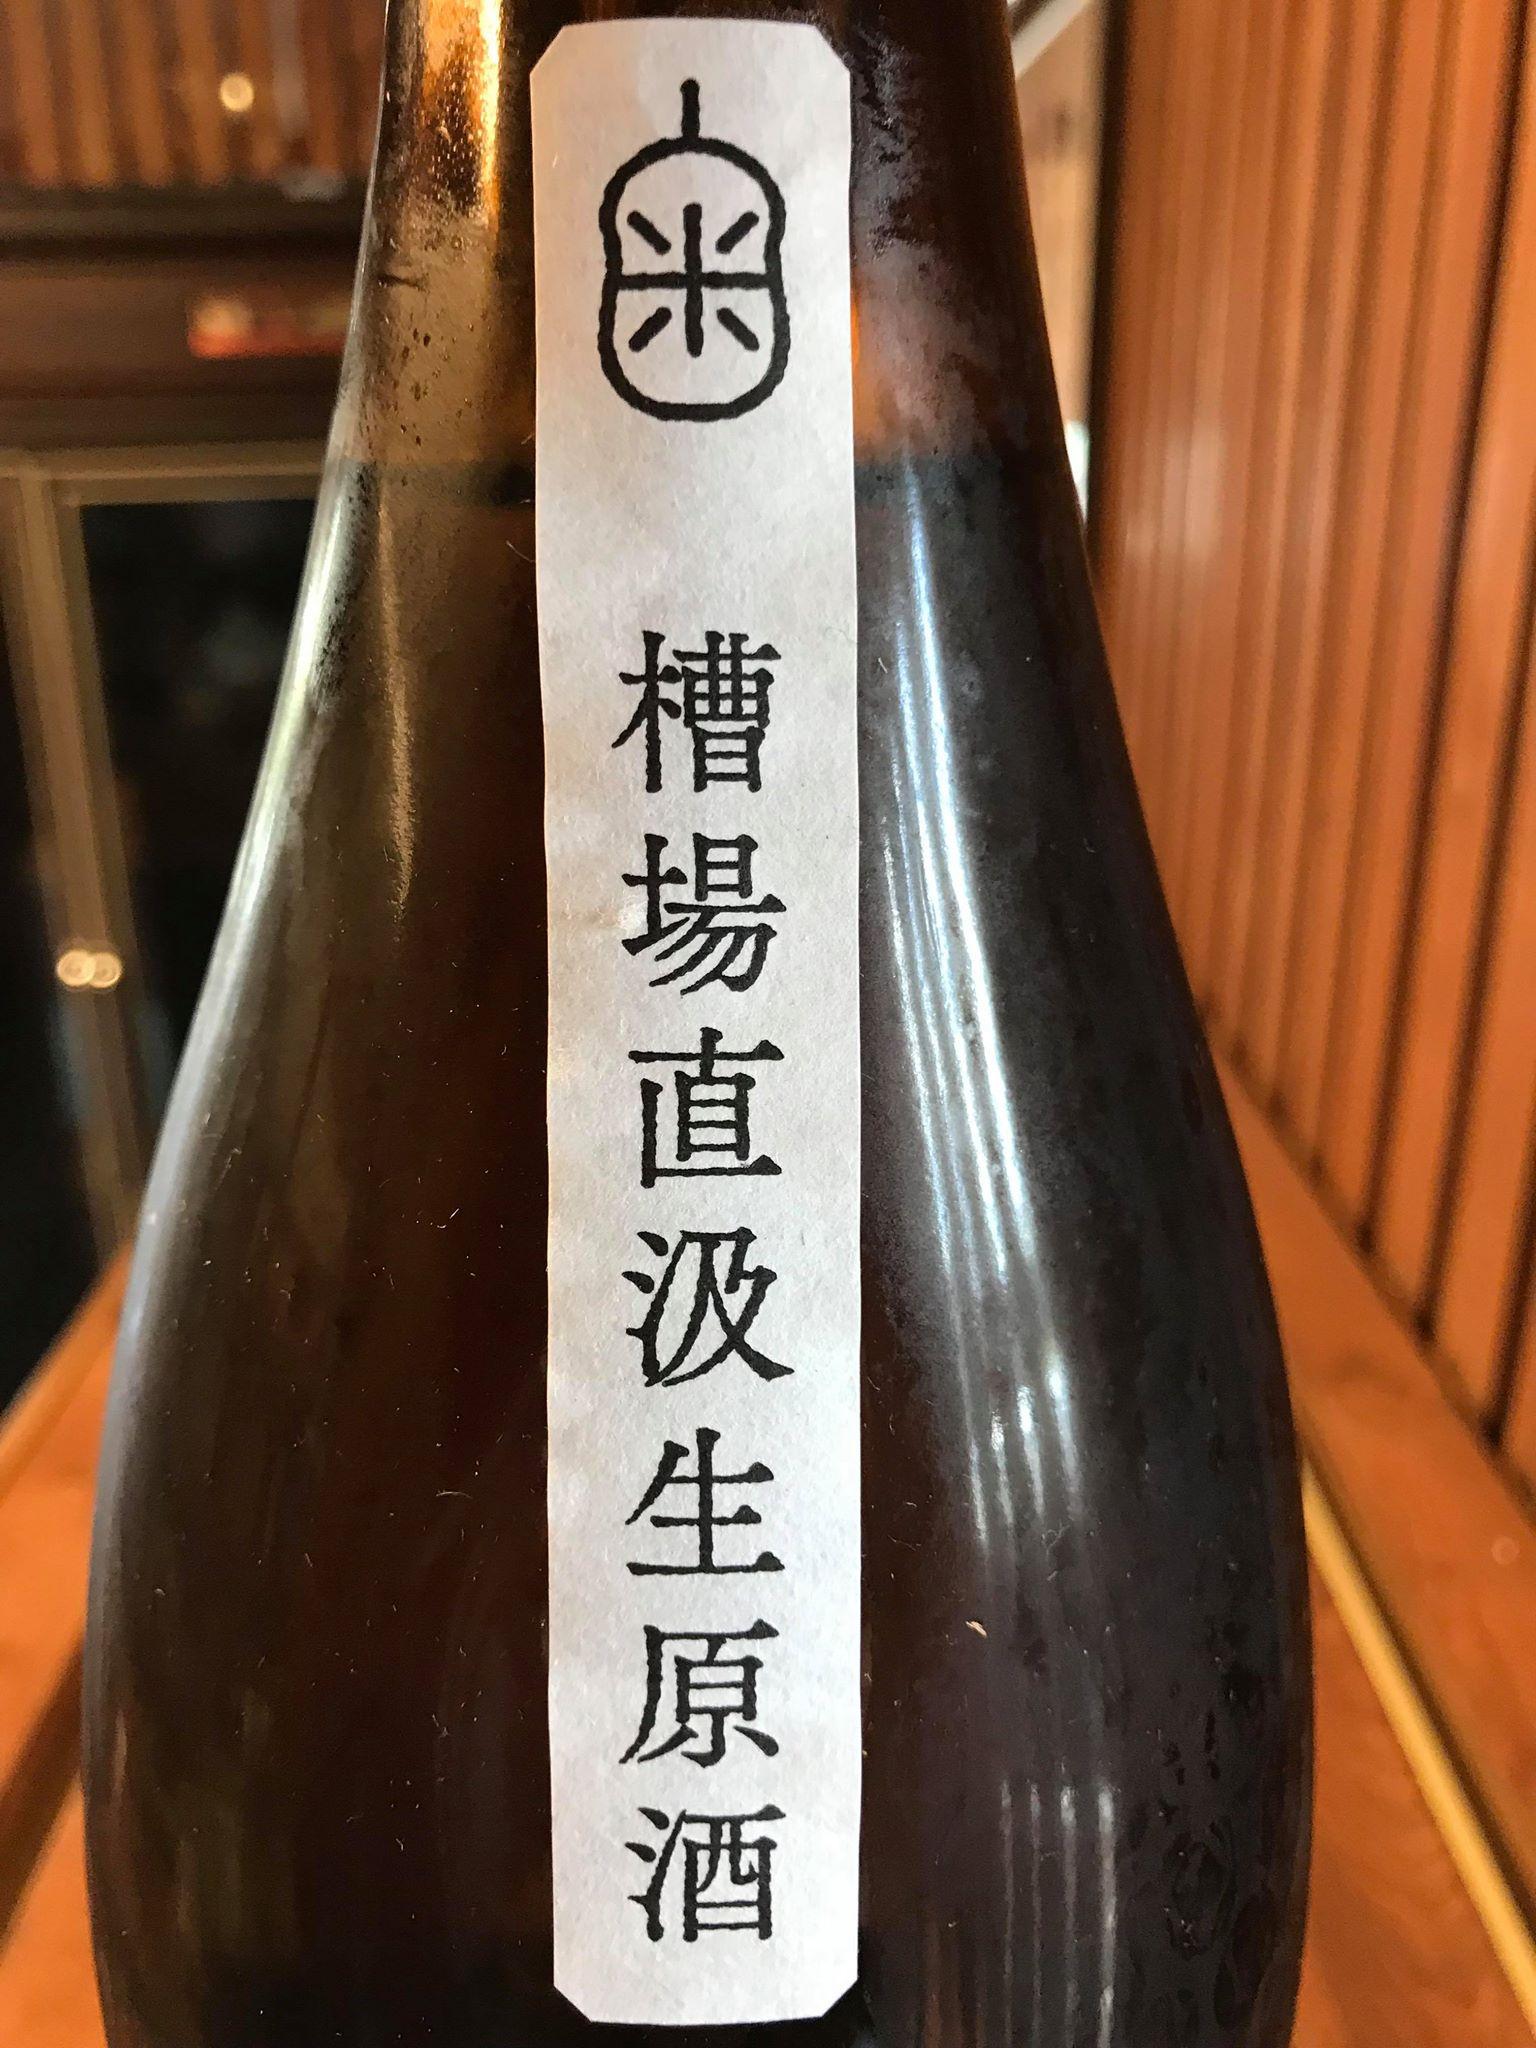 【日本酒】白老 槽場直汲純米 無濾過生原酒 自然栽培米(雄町) 限定 29BY_e0173738_10135094.jpg